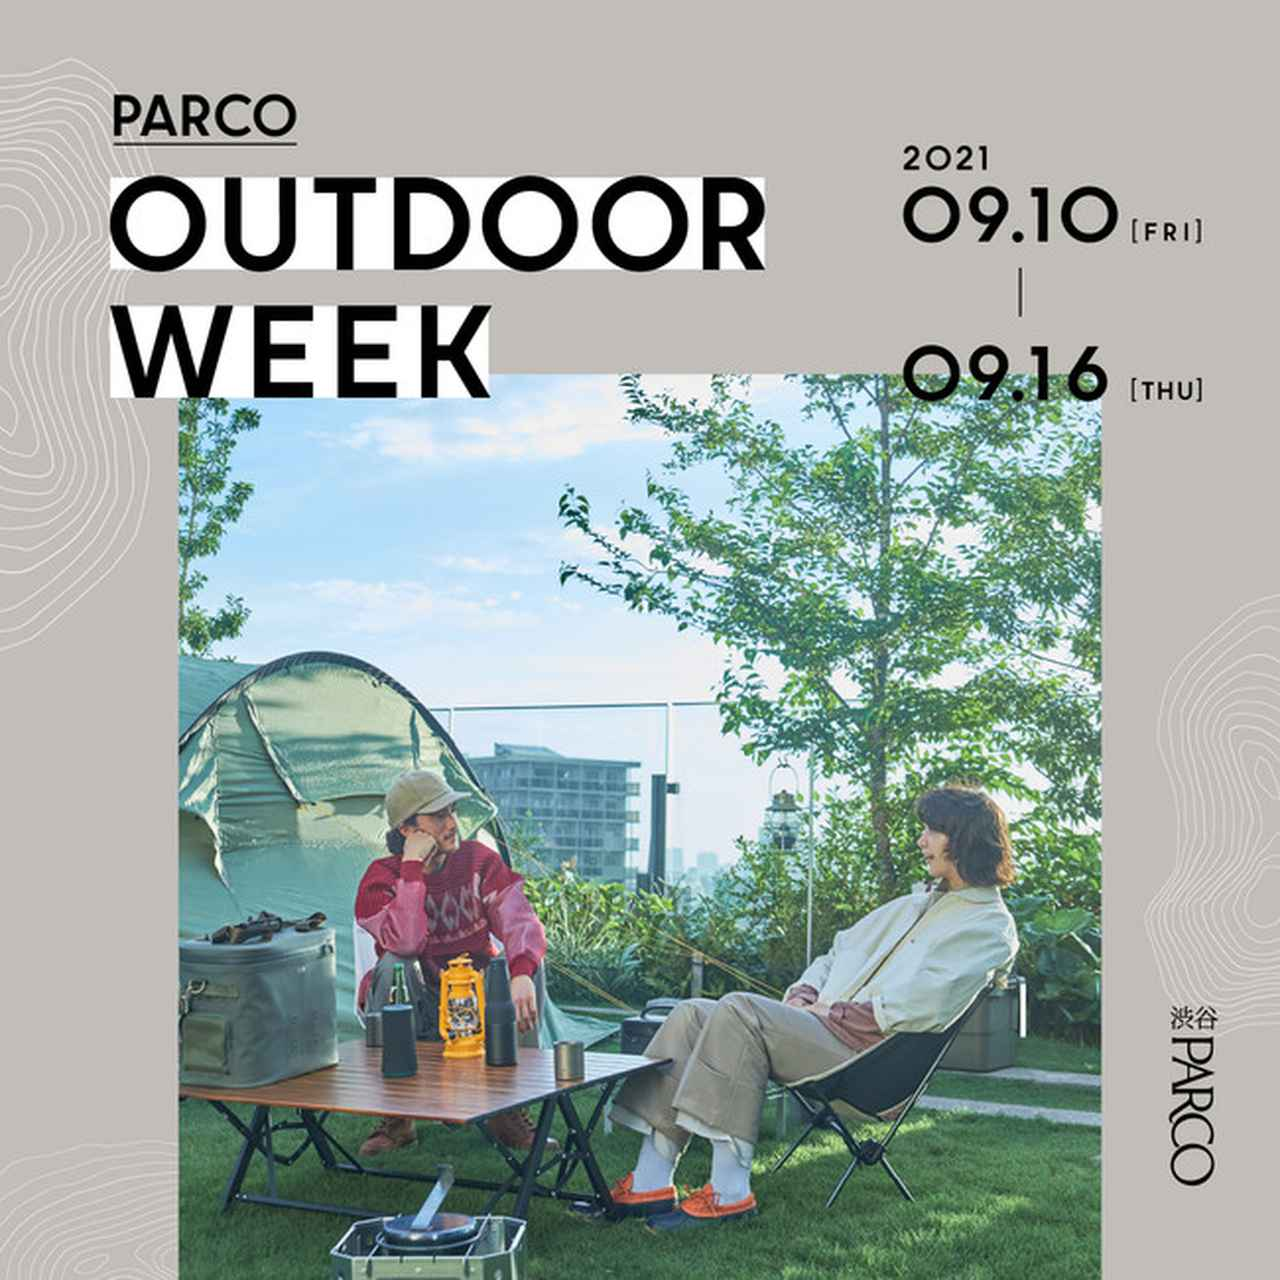 画像1: 渋谷PARCOがおくる、特別なアウトドアの1週間「PARCO OUTDOOR WEEK」開催